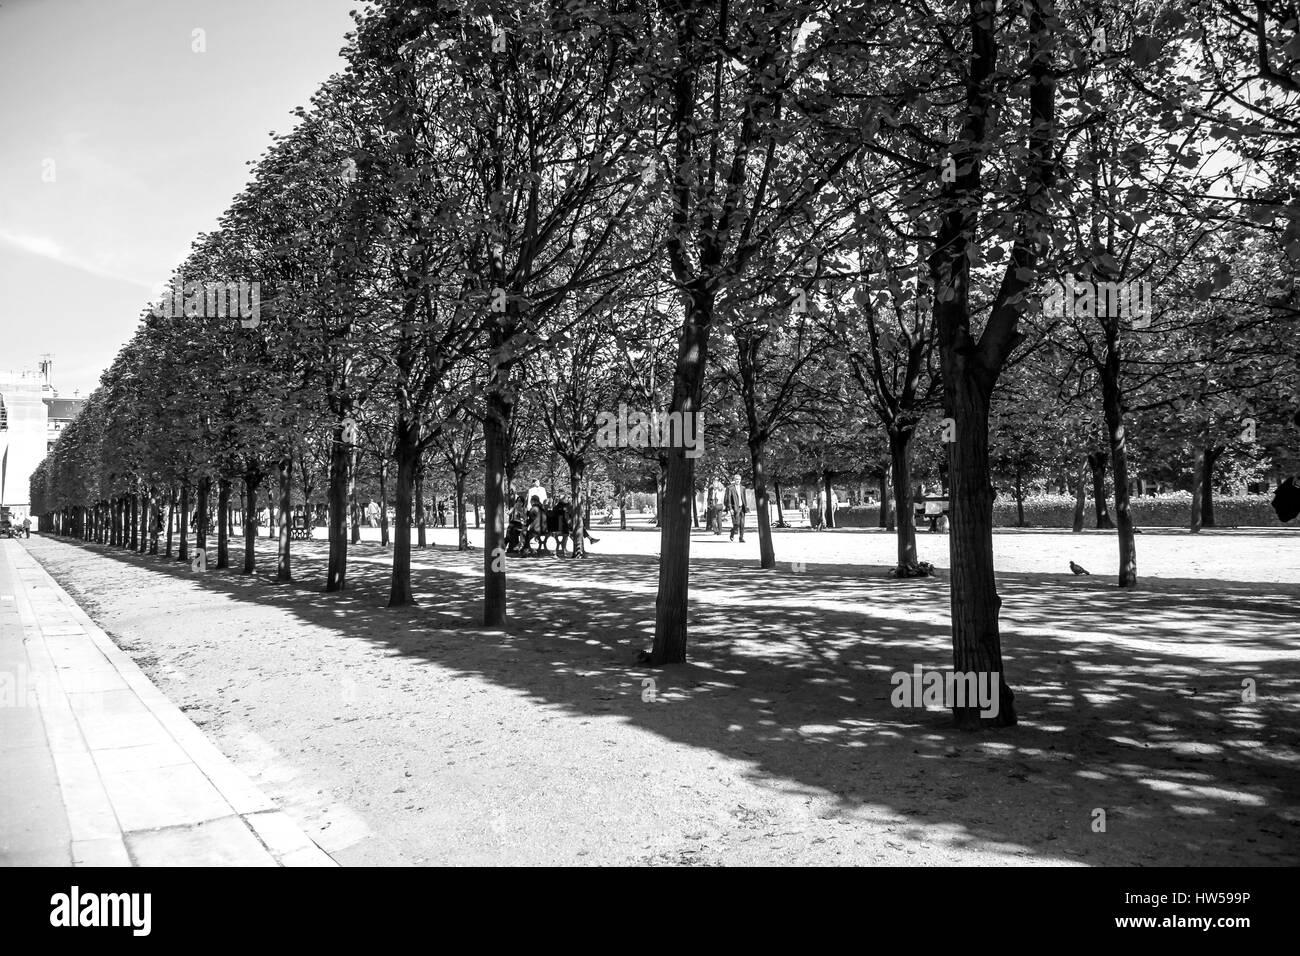 Jardín Tuilleries vista arbolada conduce al museo del Louvre. Summer View de la Terrasse du bord de l'Eau en París, Francia, en blanco y negro Foto de stock